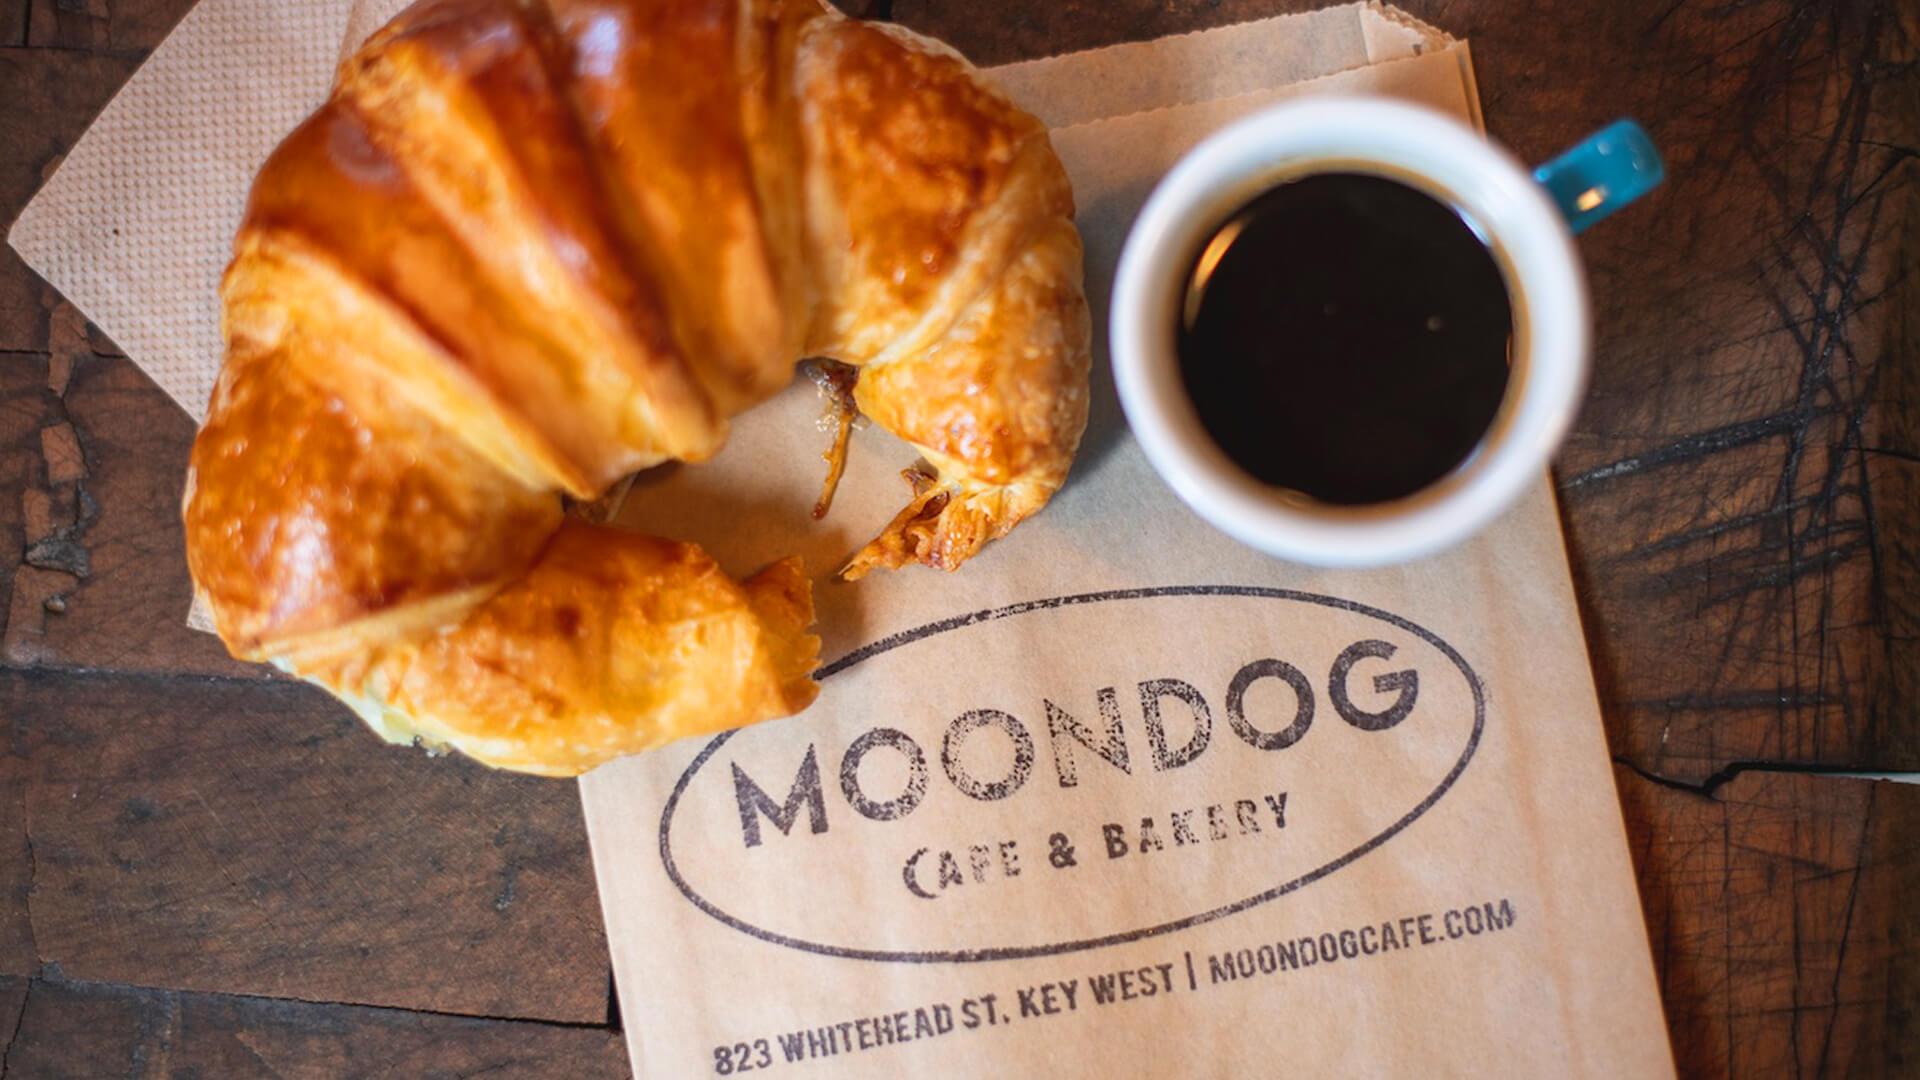 moondog cafe in key west for brunch food